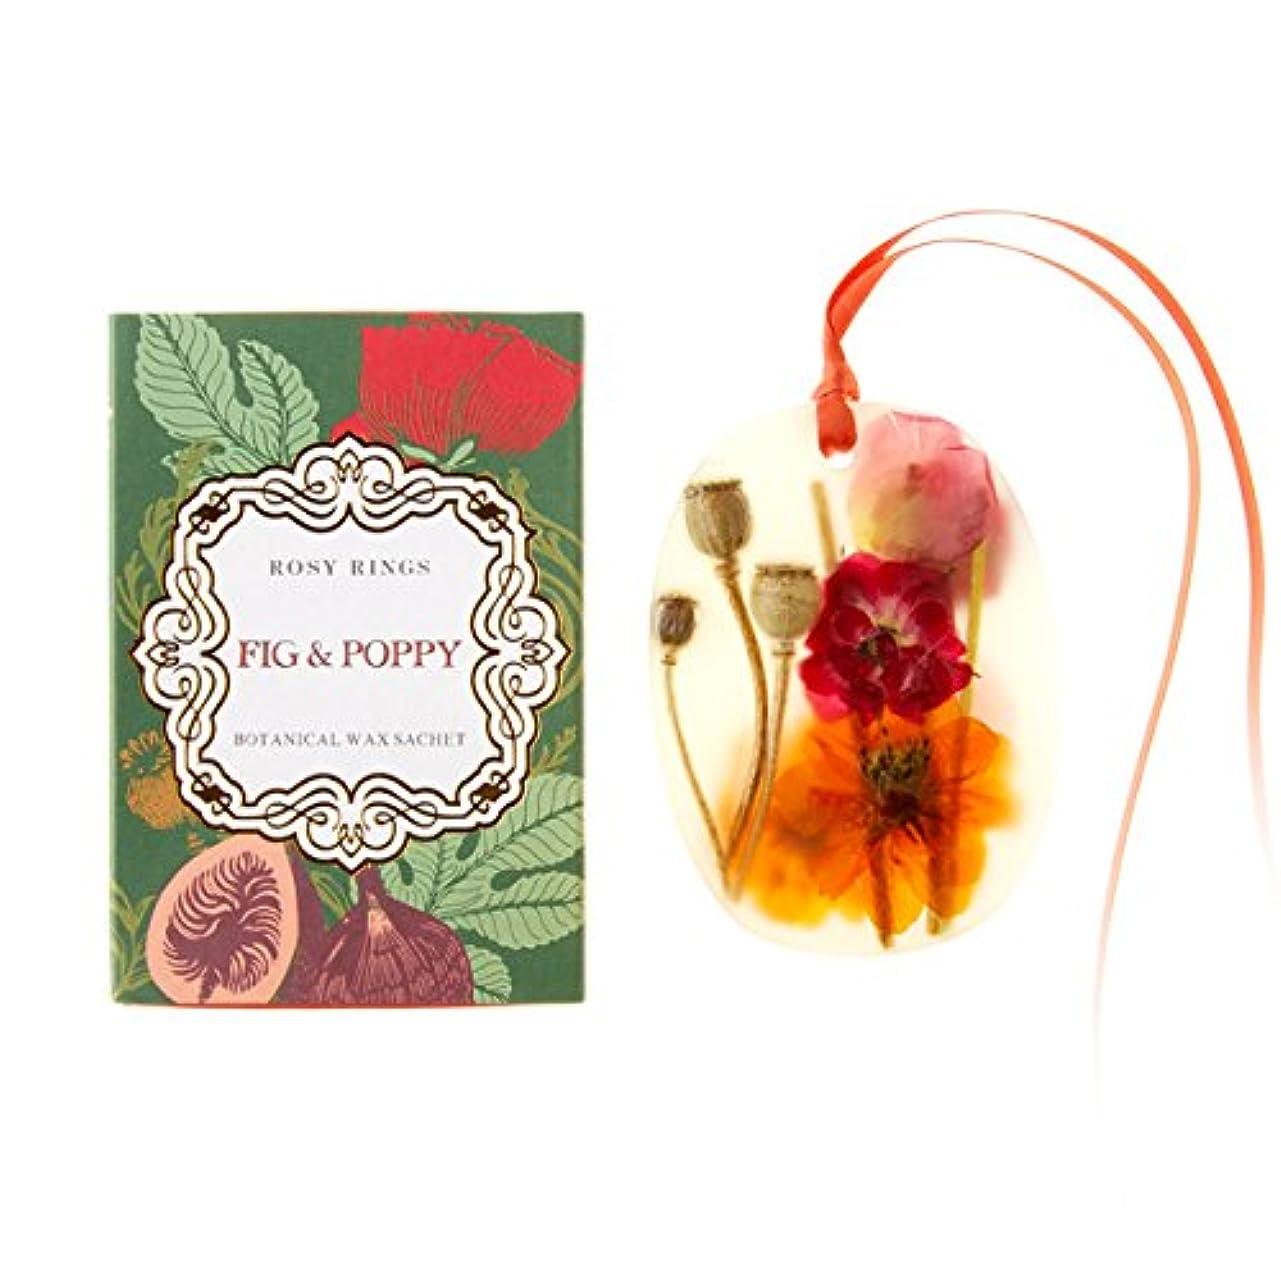 強制的中古違反ロージーリングス プティボタニカルサシェ フィグ&ポピー ROSY RINGS Petite Oval Botanical Wax Sachet Fig & Poppy